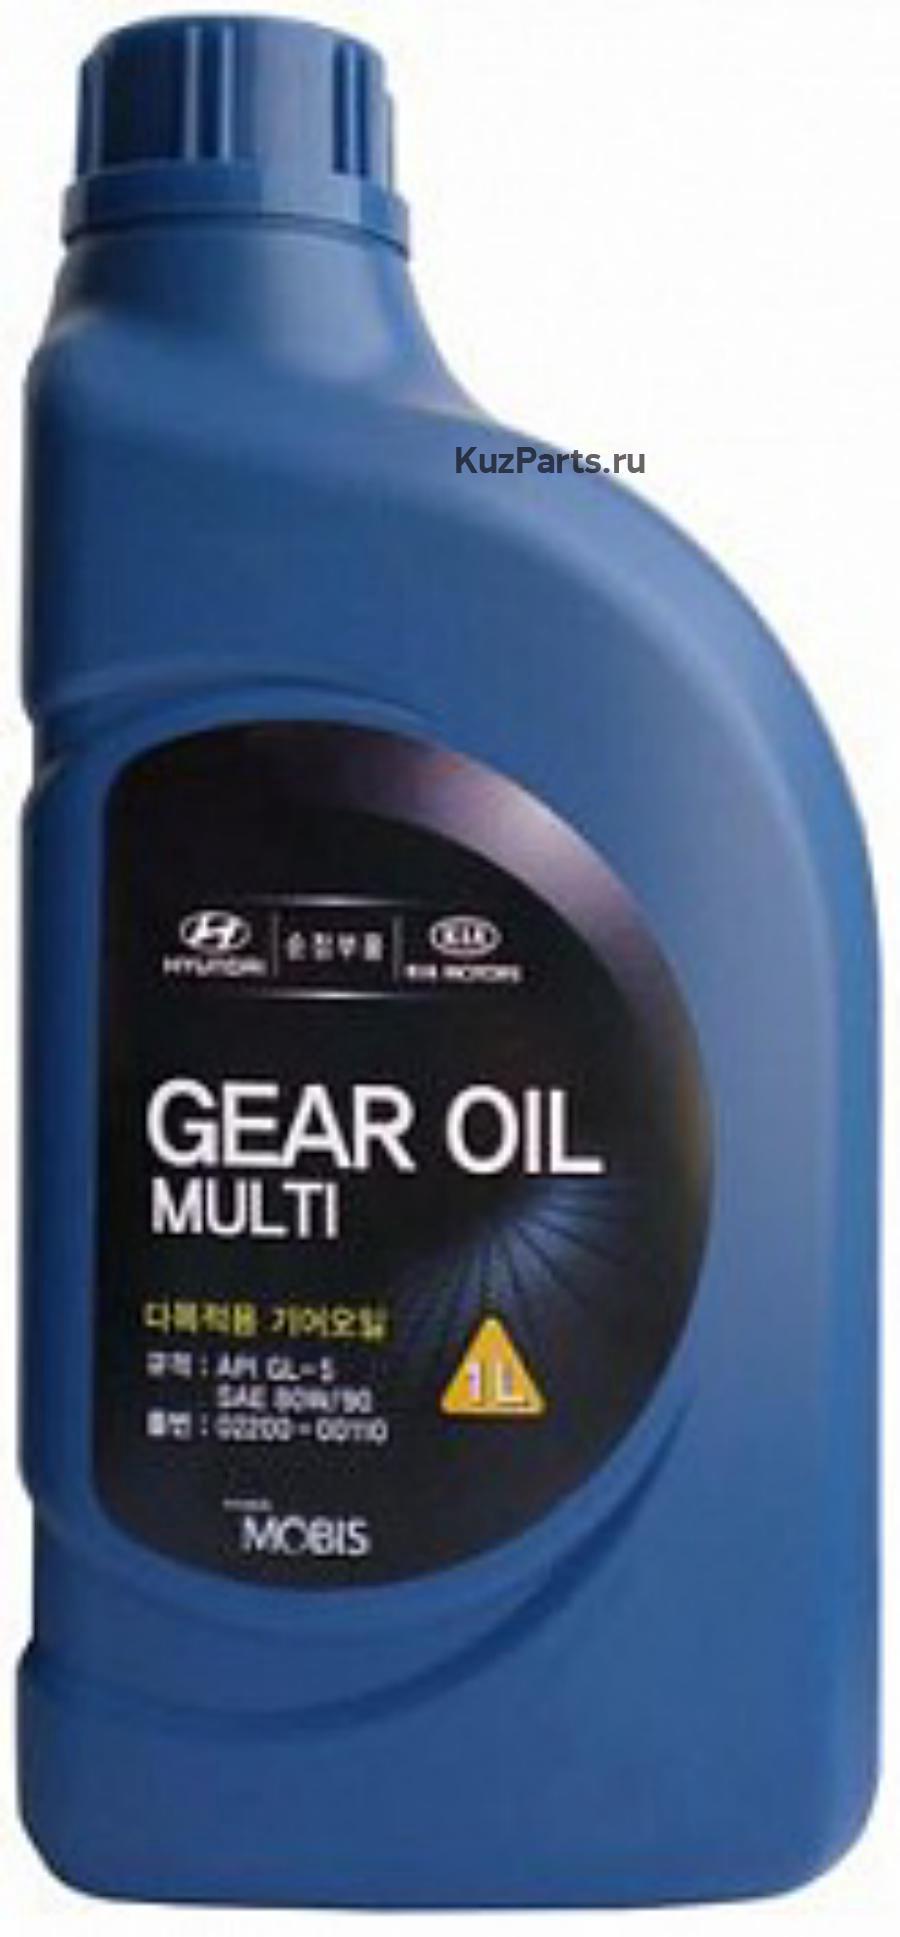 Масло трансмиссионное минеральное Gear Oil Multi 80W-90, 1л